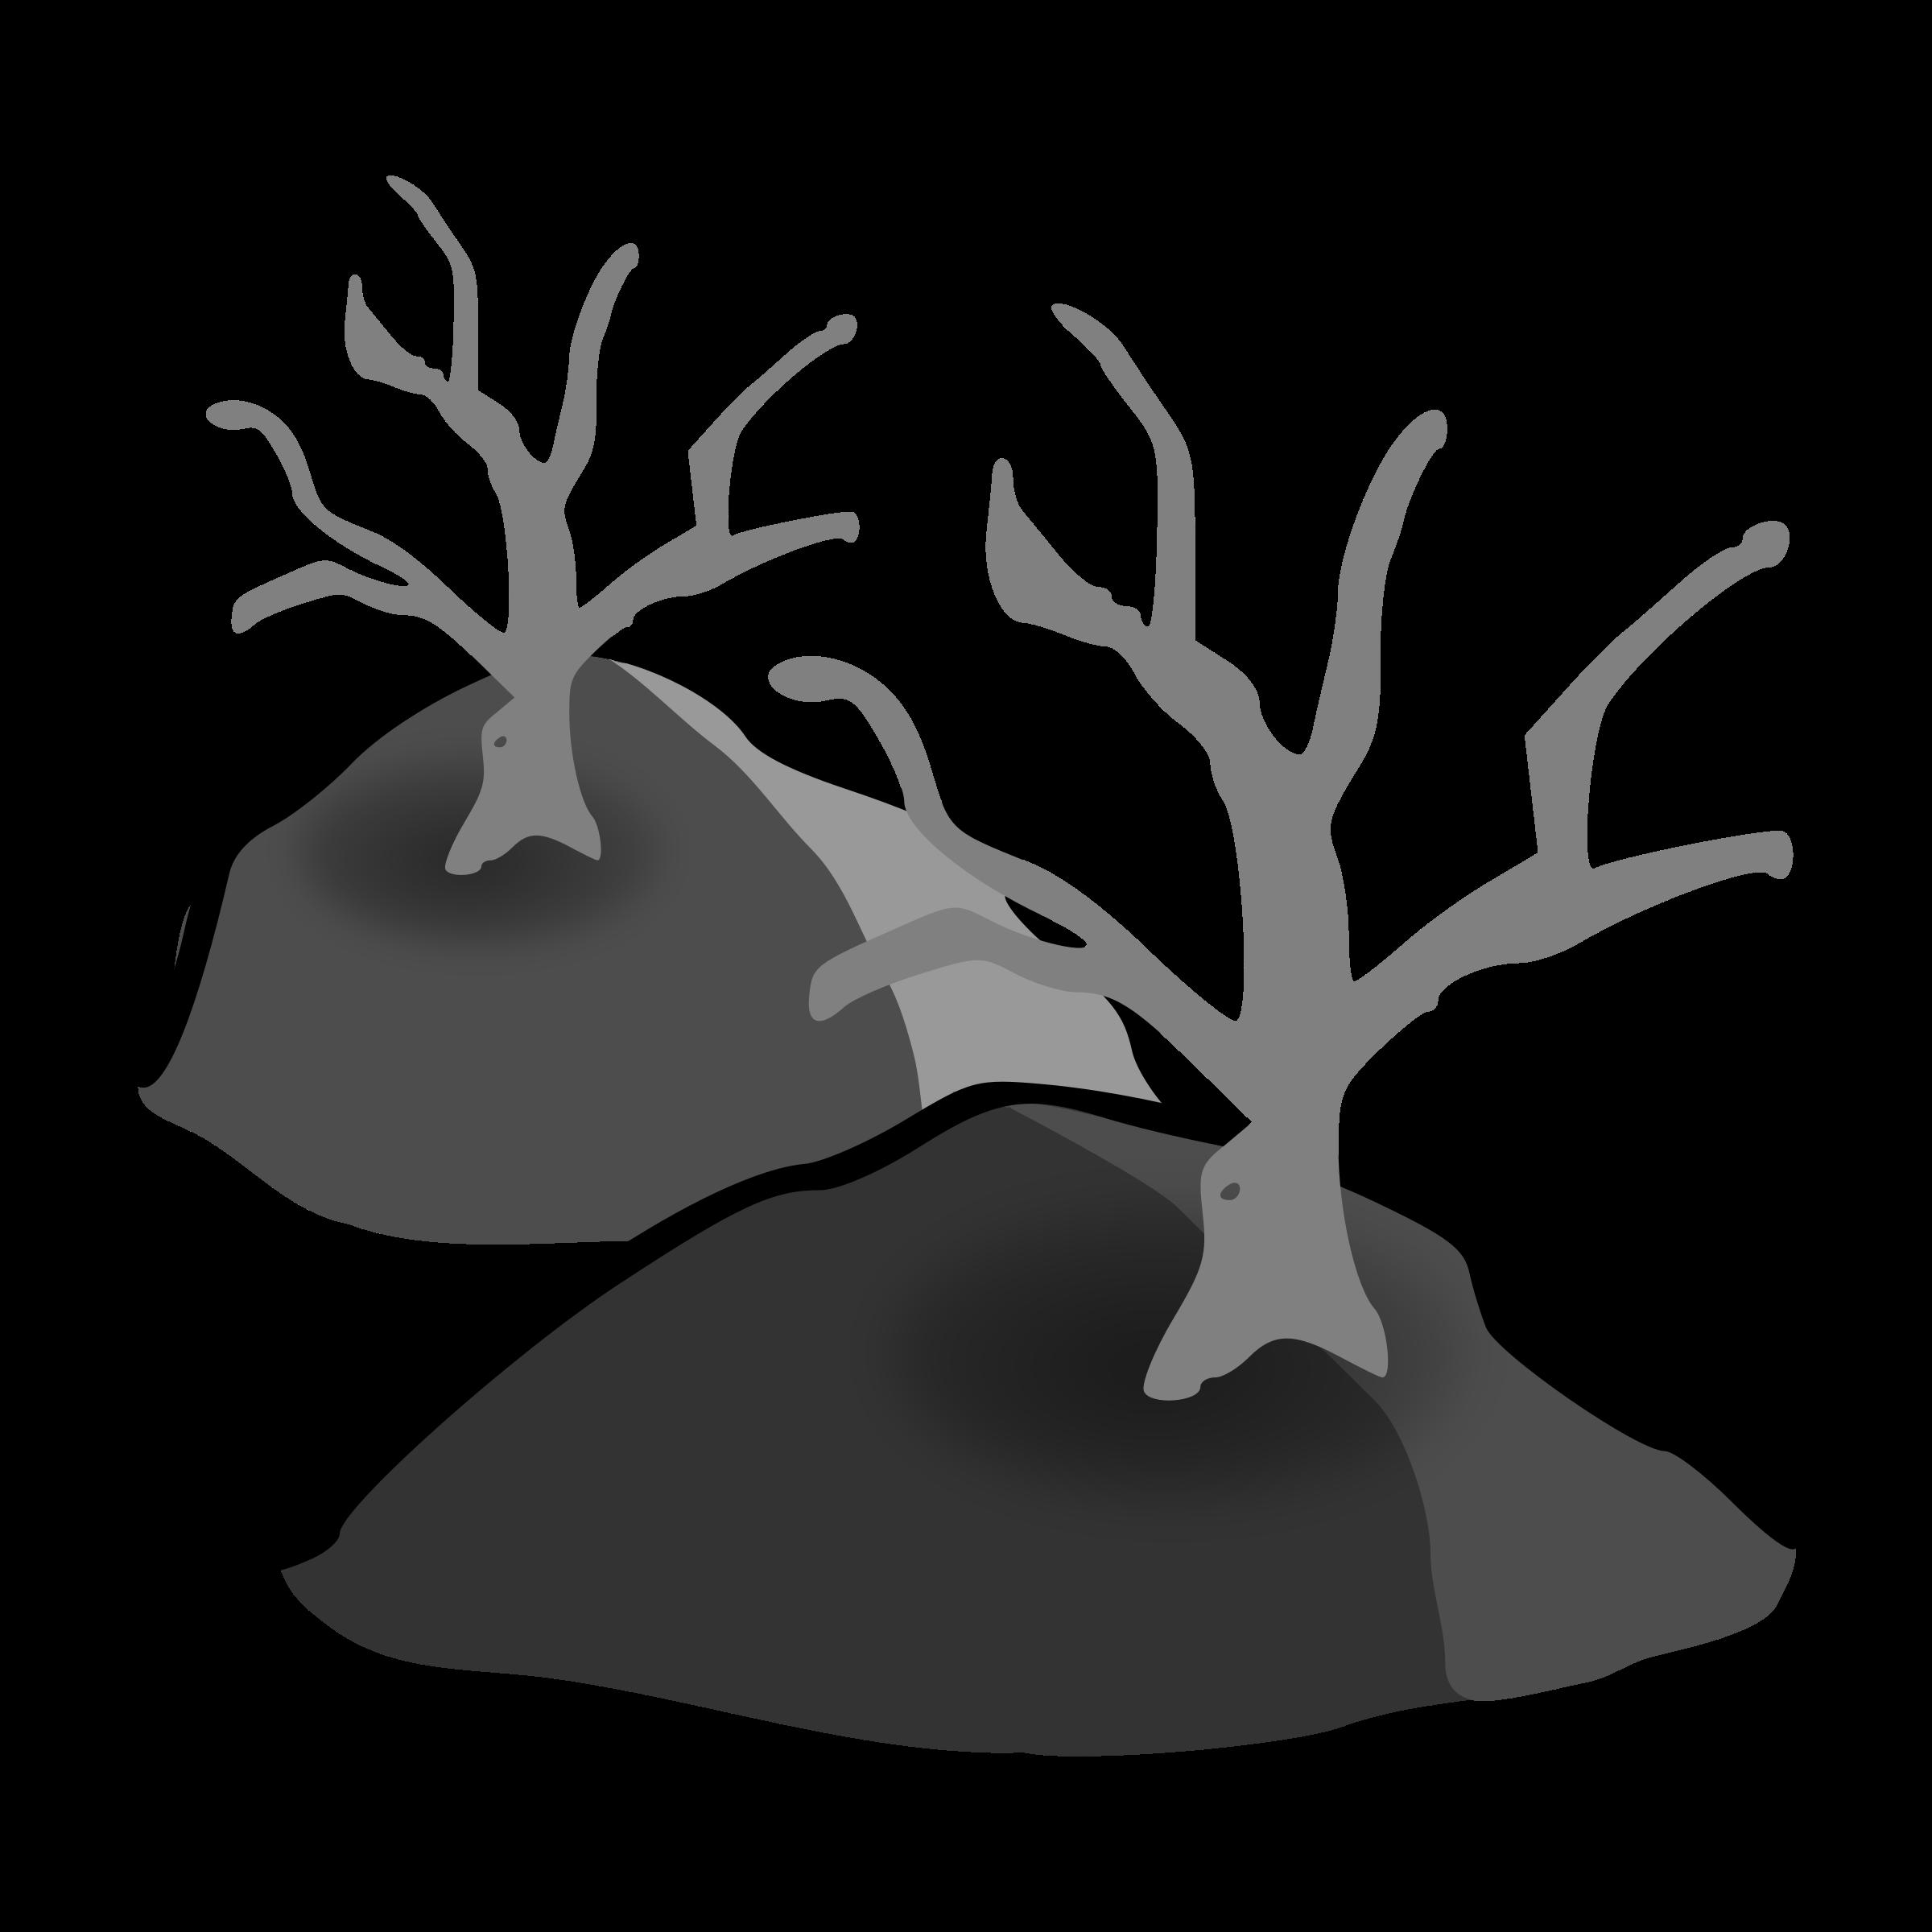 Dead forest big image. Hills clipart illustration